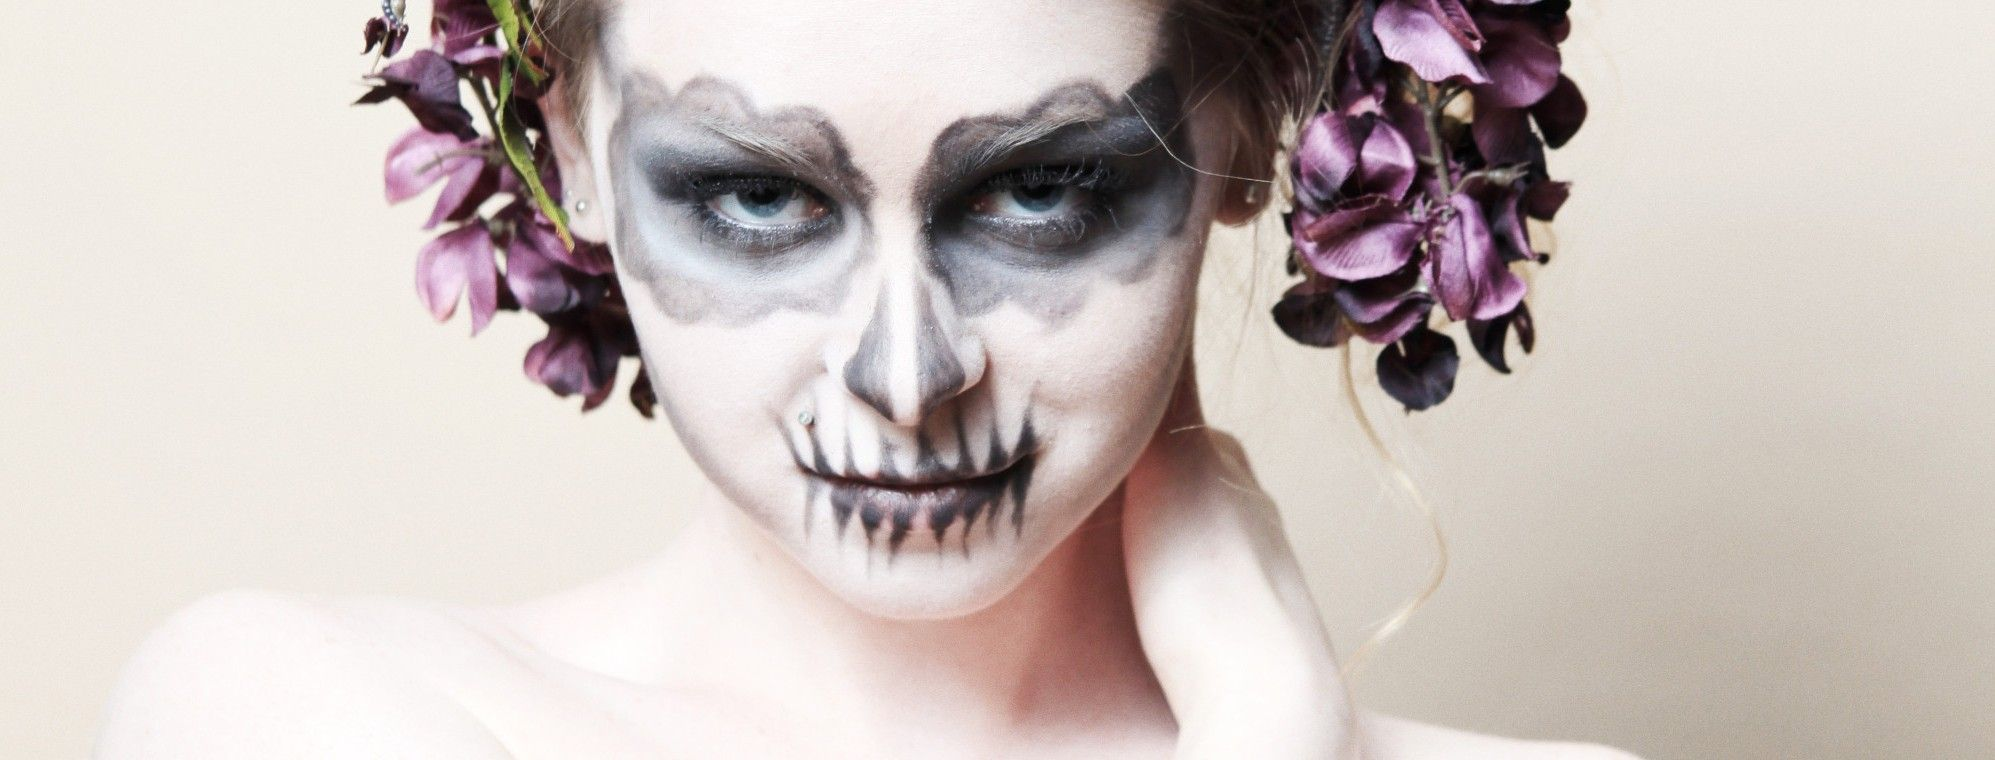 Halloween: 4 idee per trasformarsi in personaggi inquietanti